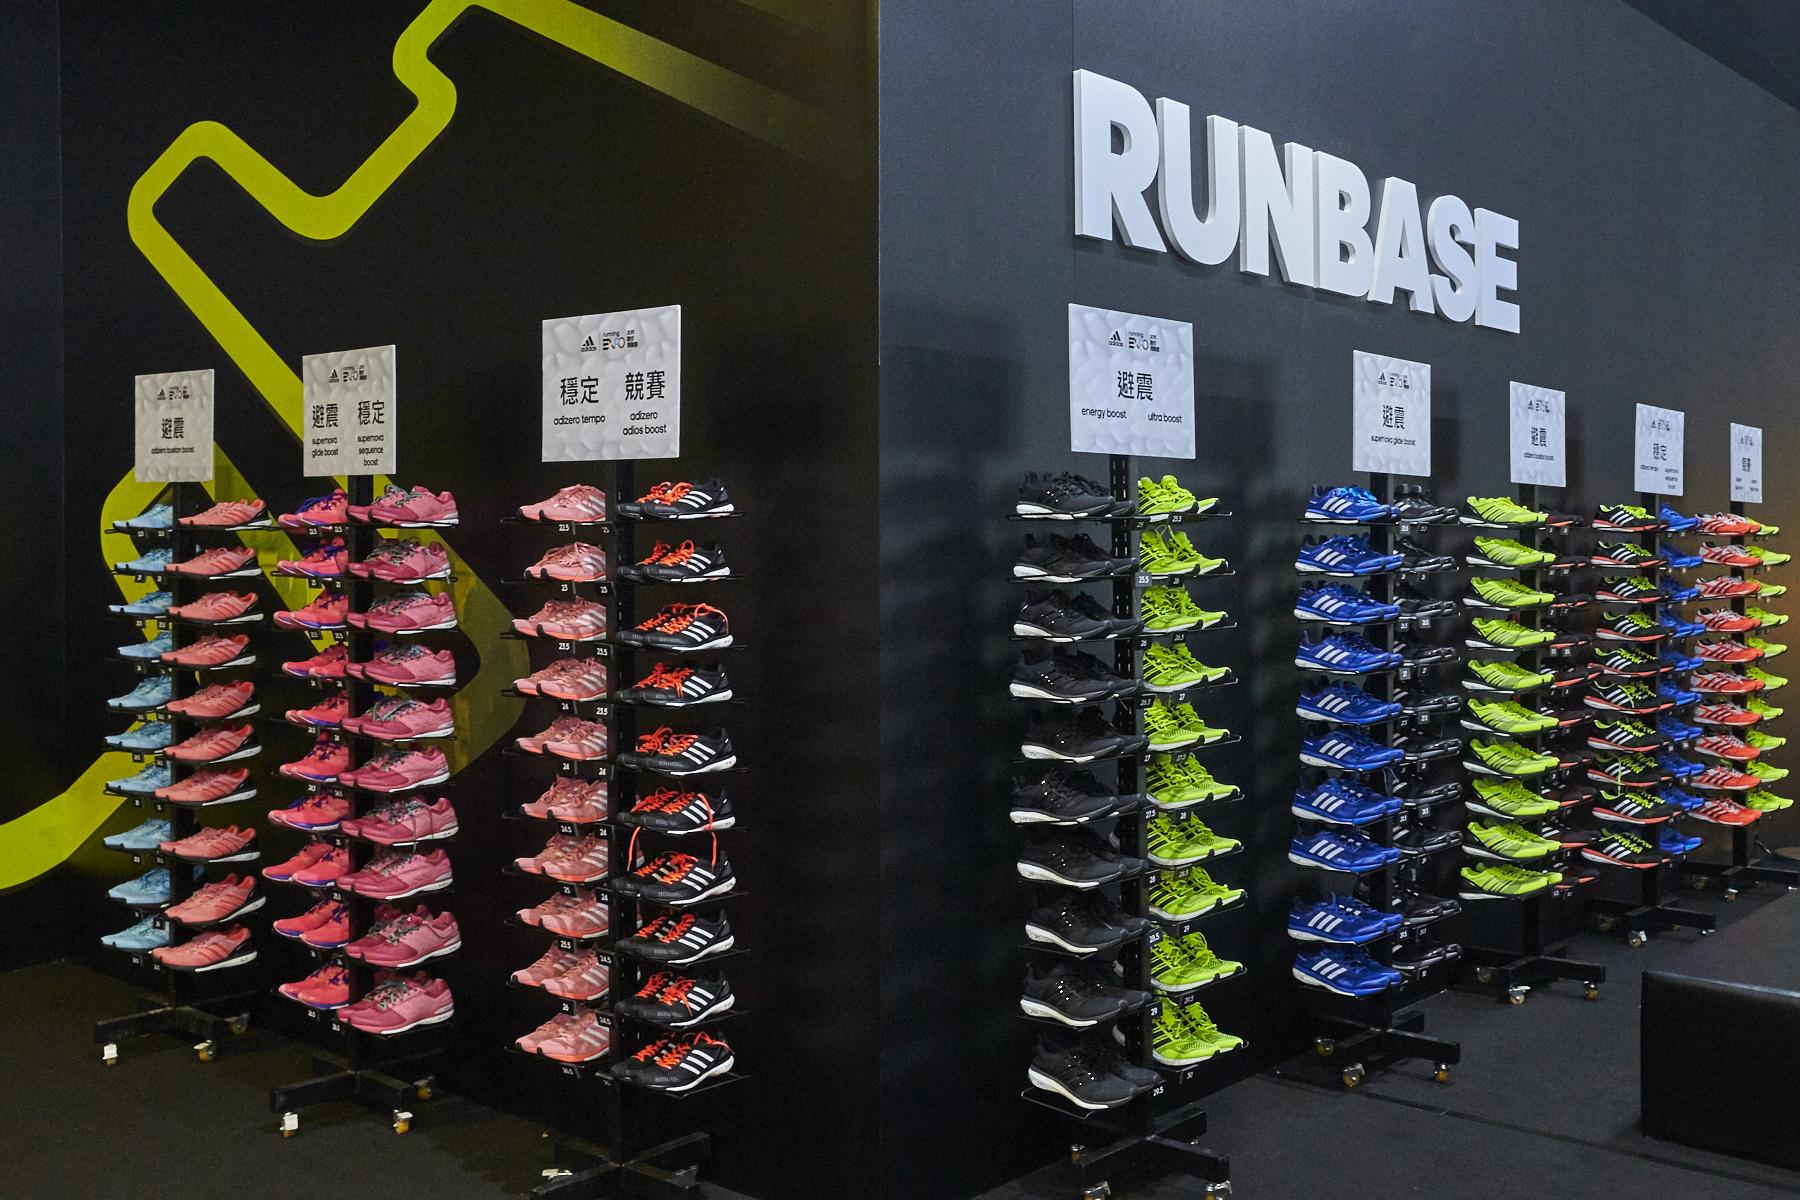 圖五:Runbase跑鞋租借區:現場免費租借adidas全系列跑鞋進行試跑。(adidas提供)